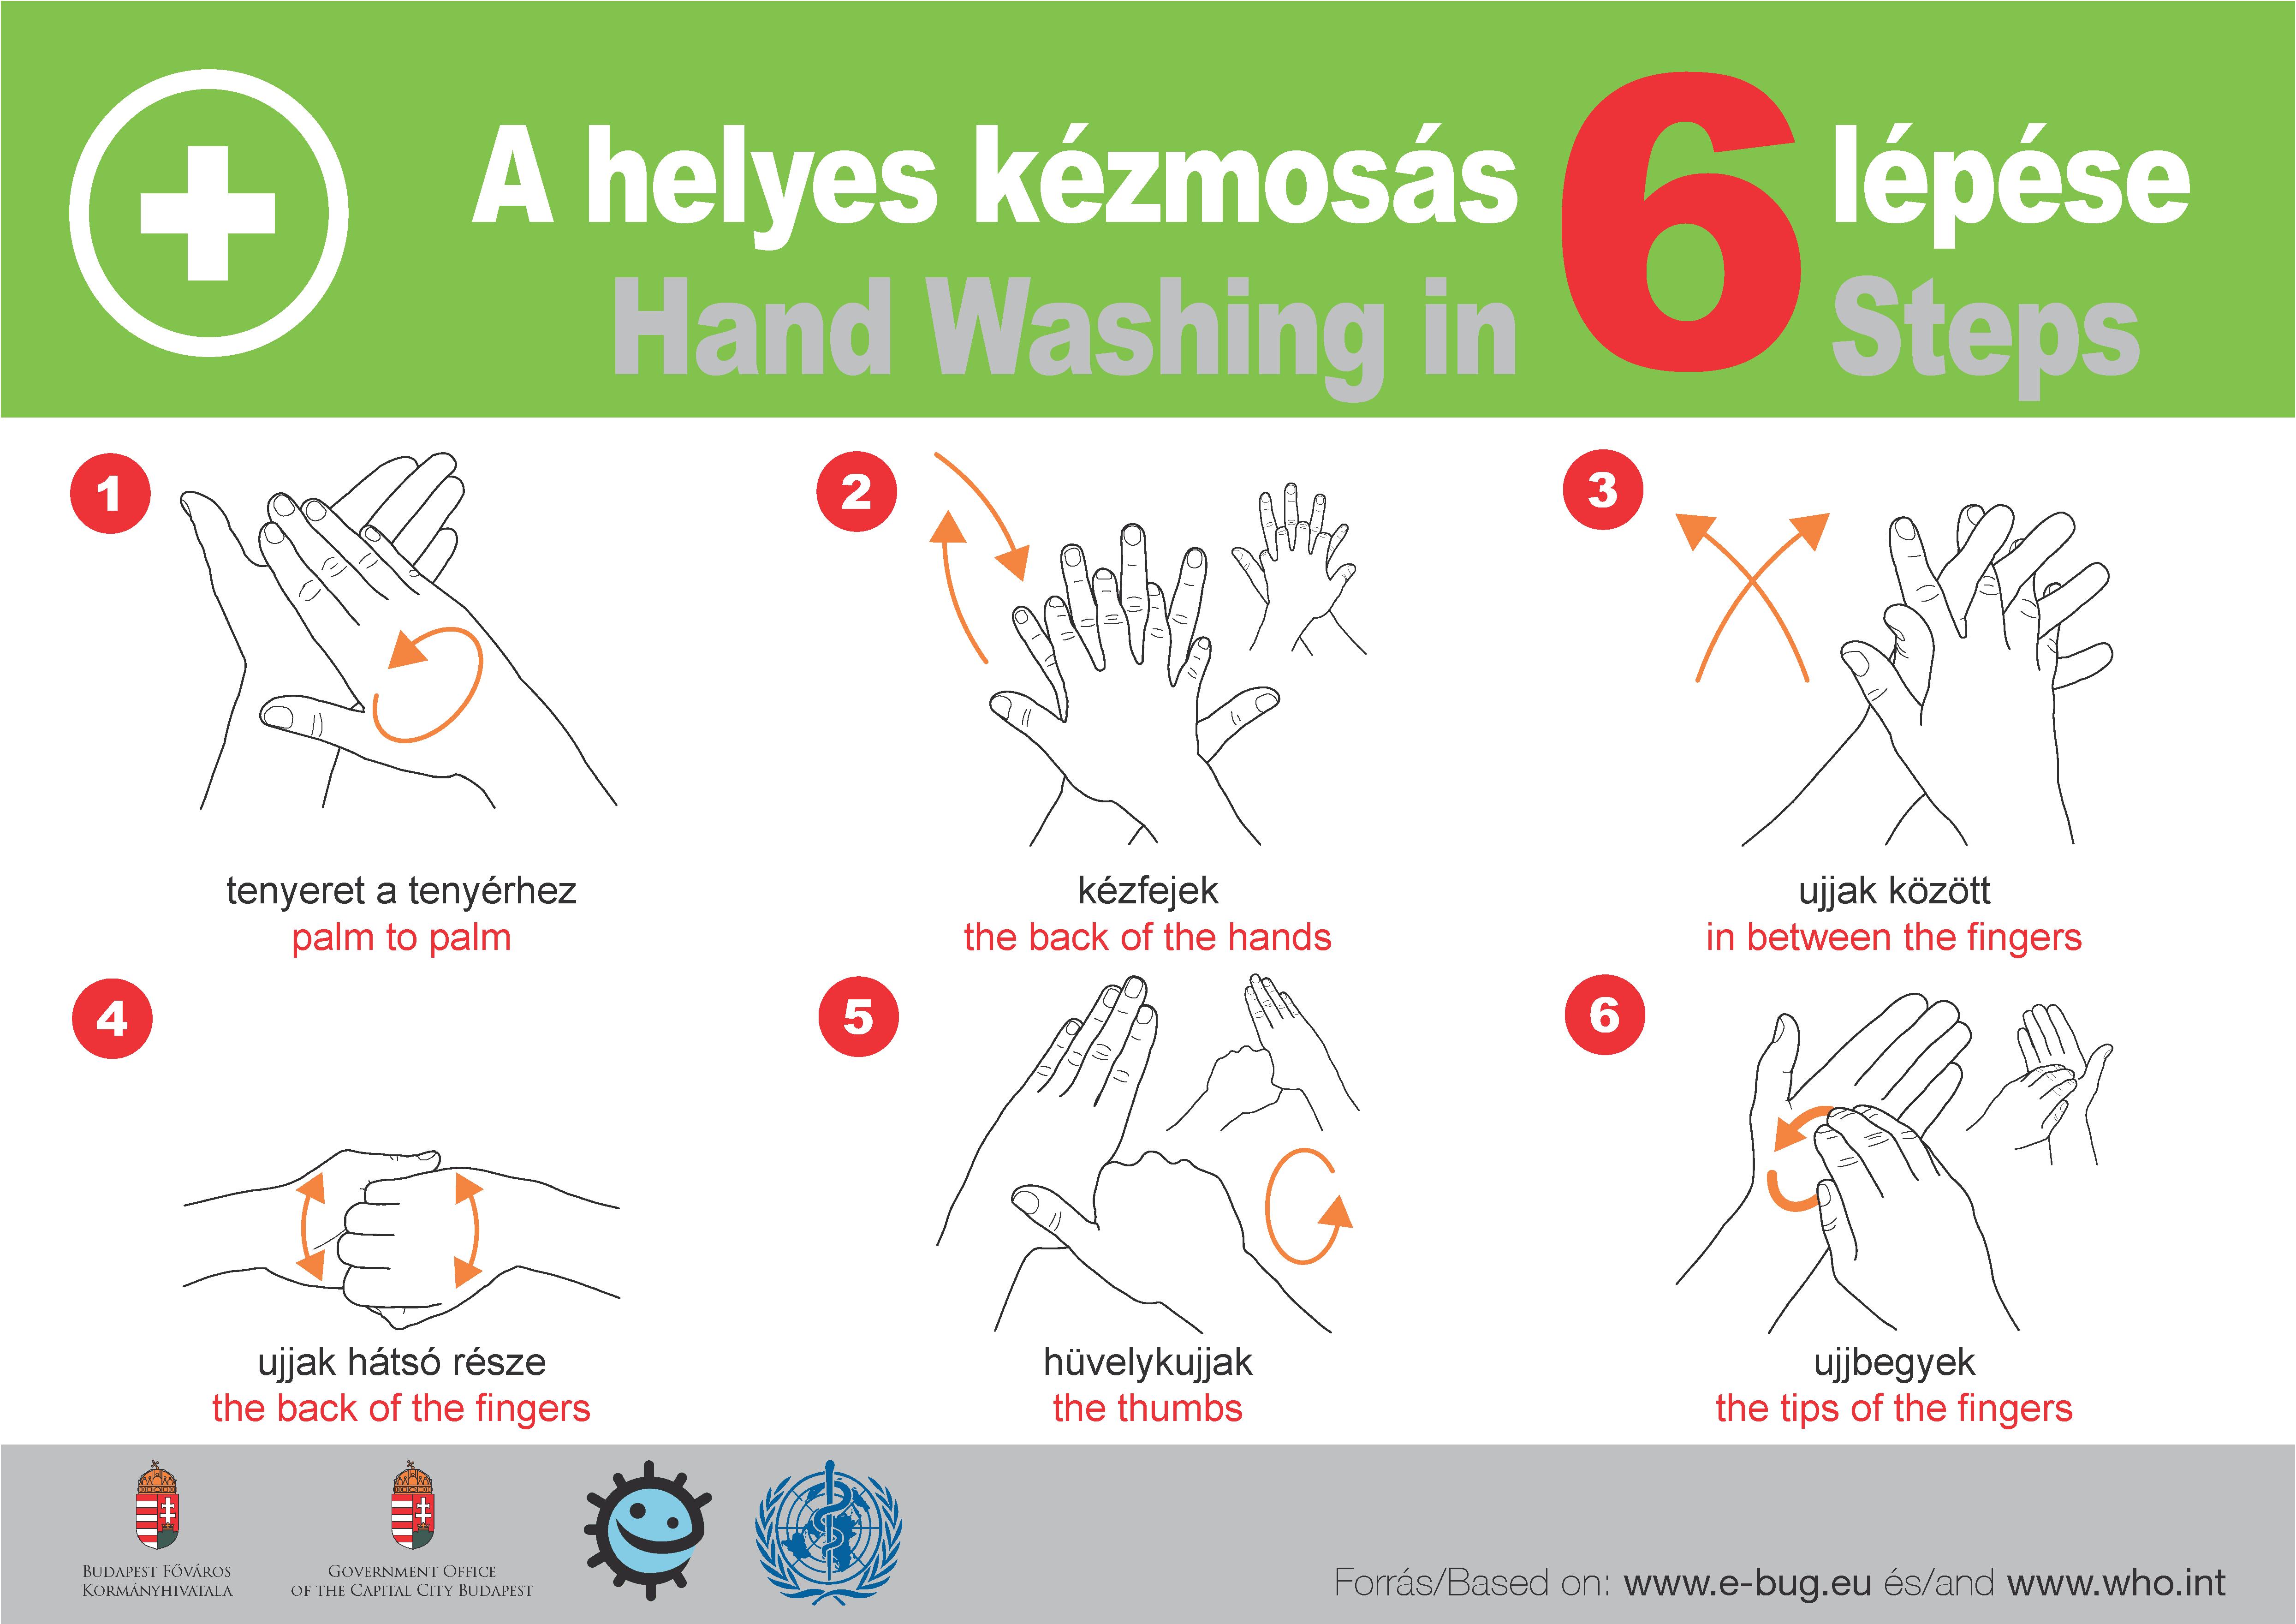 A helyes kézmosás folyamata